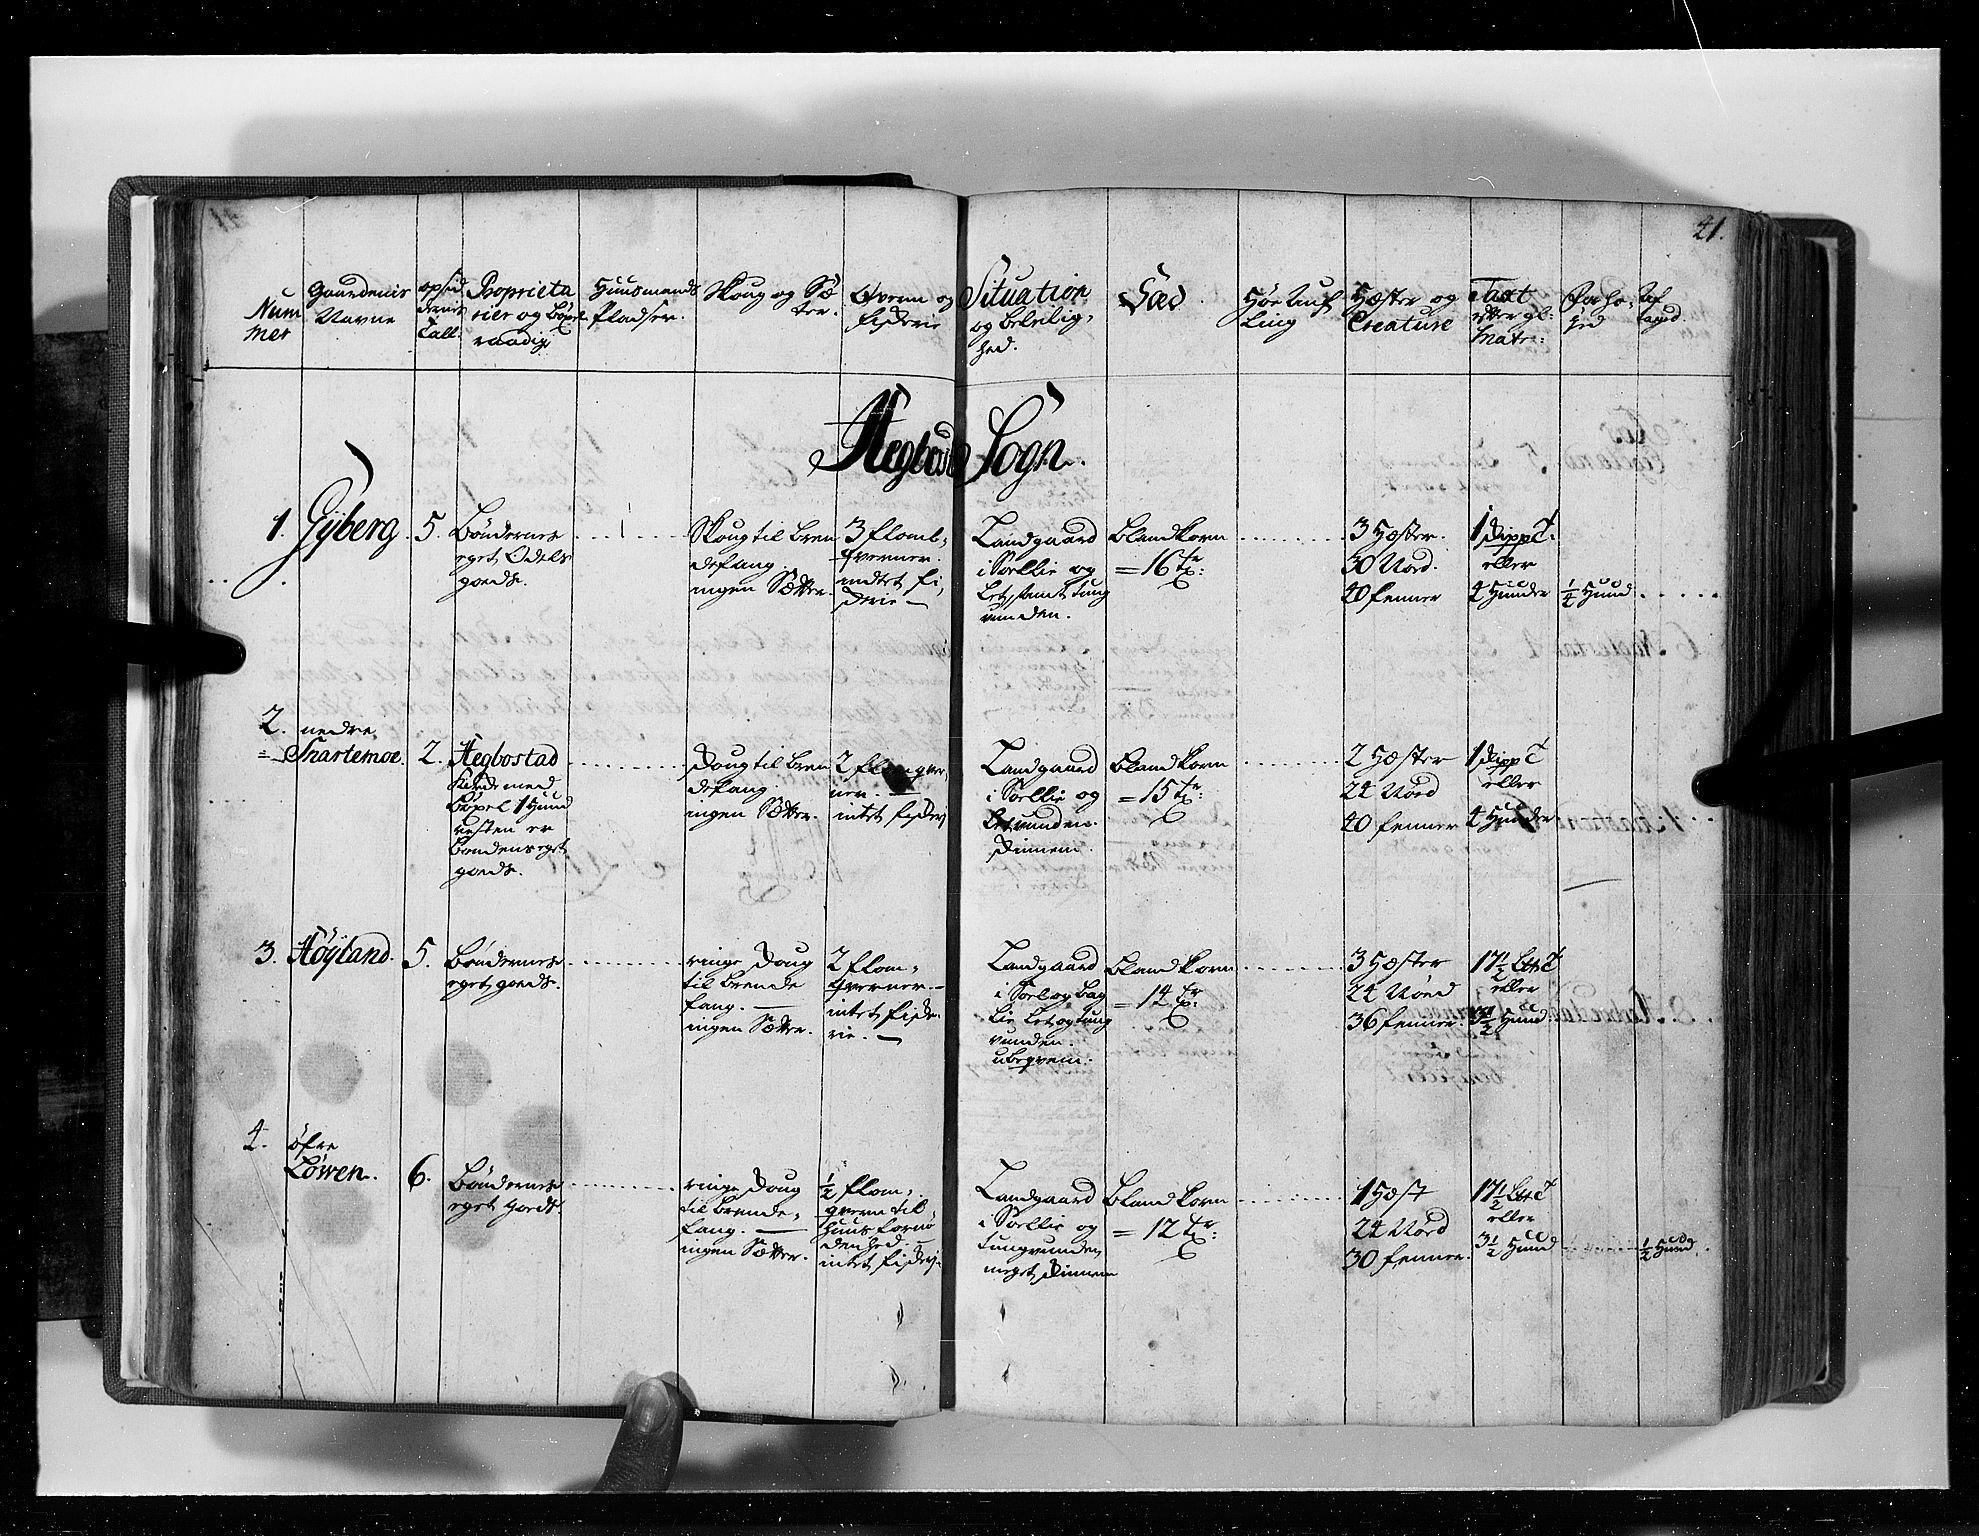 RA, Rentekammeret inntil 1814, Realistisk ordnet avdeling, N/Nb/Nbf/L0129: Lista eksaminasjonsprotokoll, 1723, s. 40b-41a